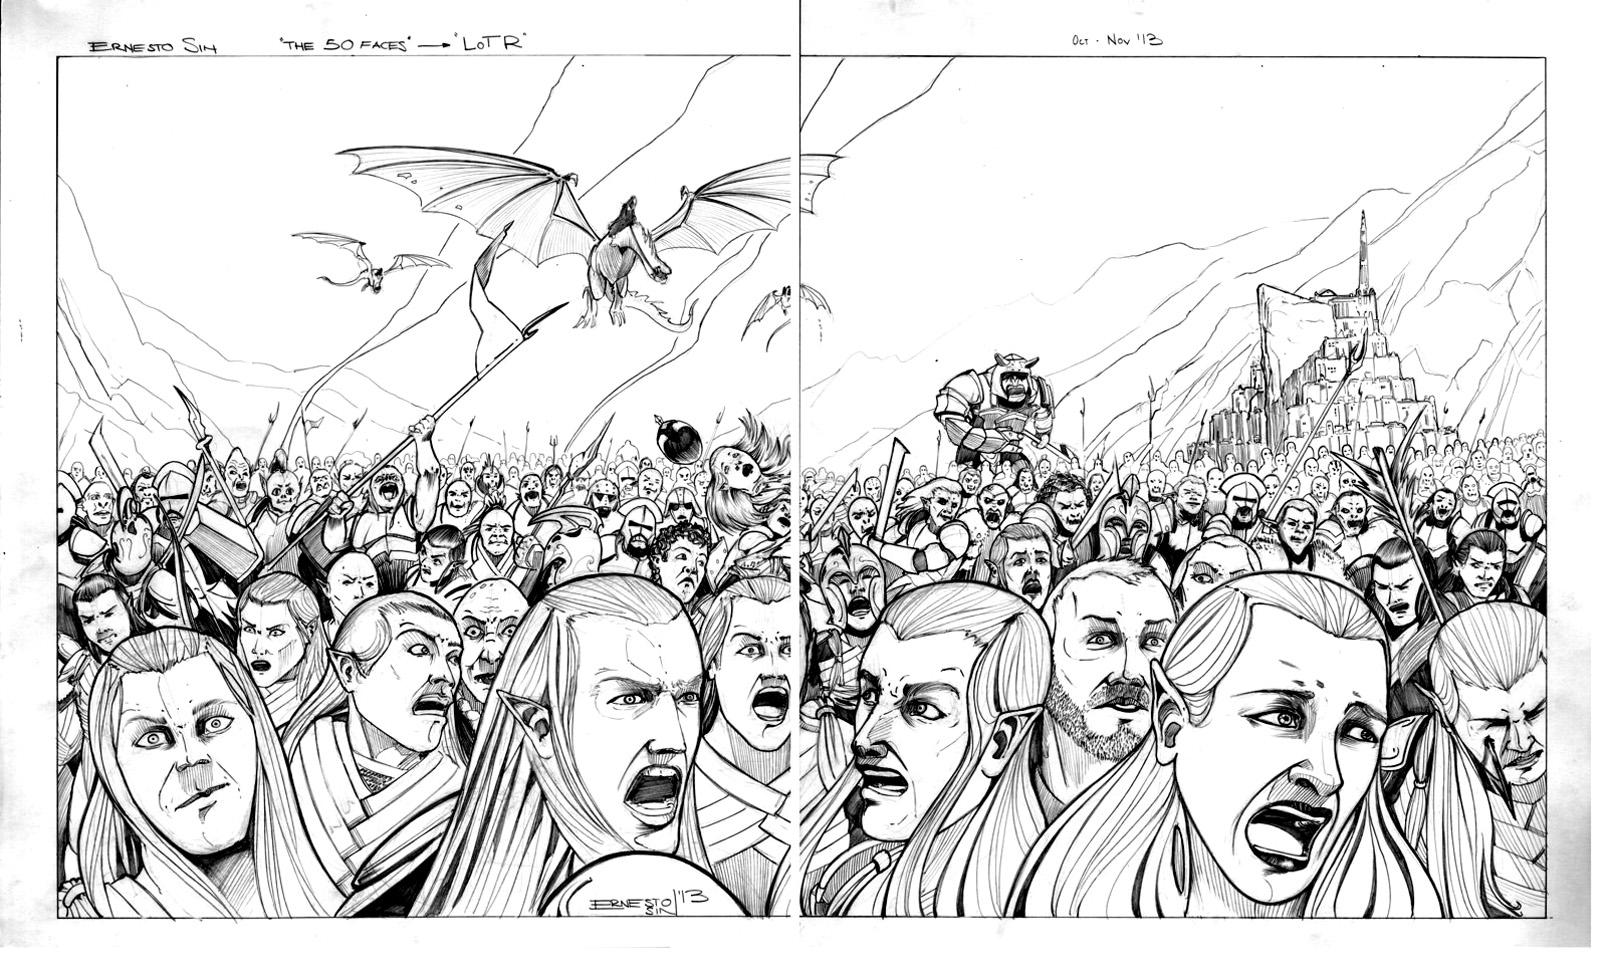 Dessin magistral tiré du Seigneur des anneaux avec Legolas et ses parses Elfes pris